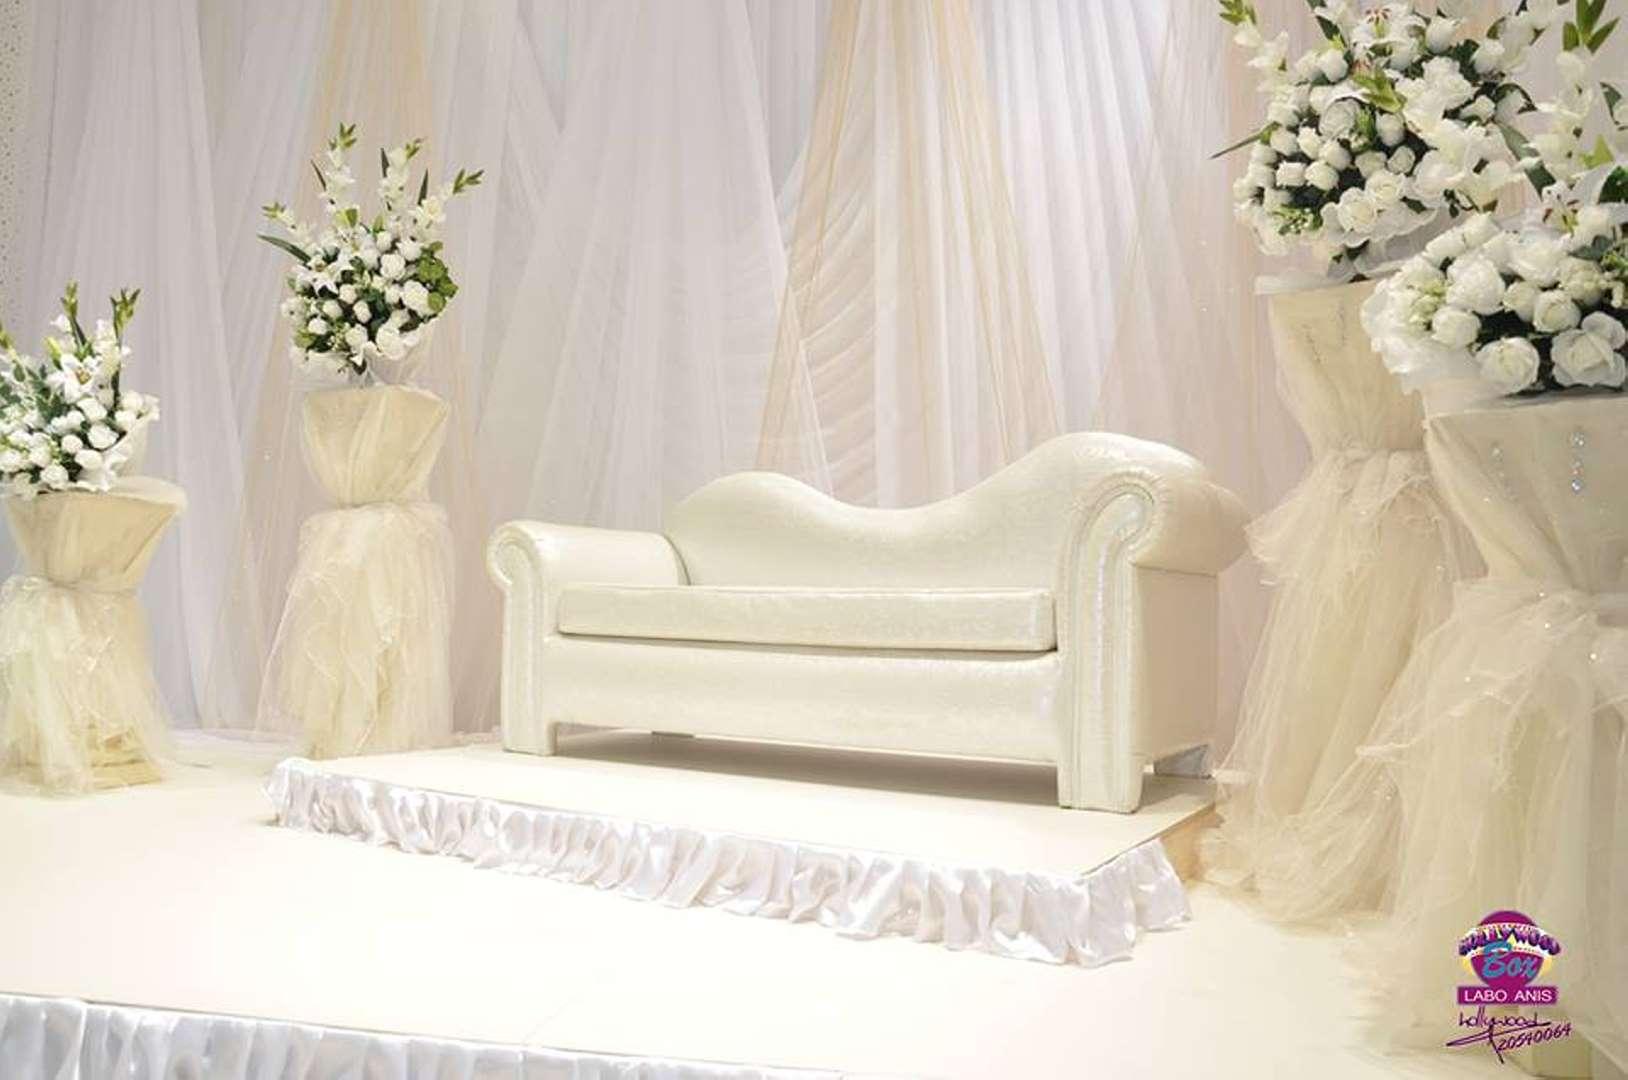 Aladin Salle De Mariage Couverte Denden Manouba Manouba